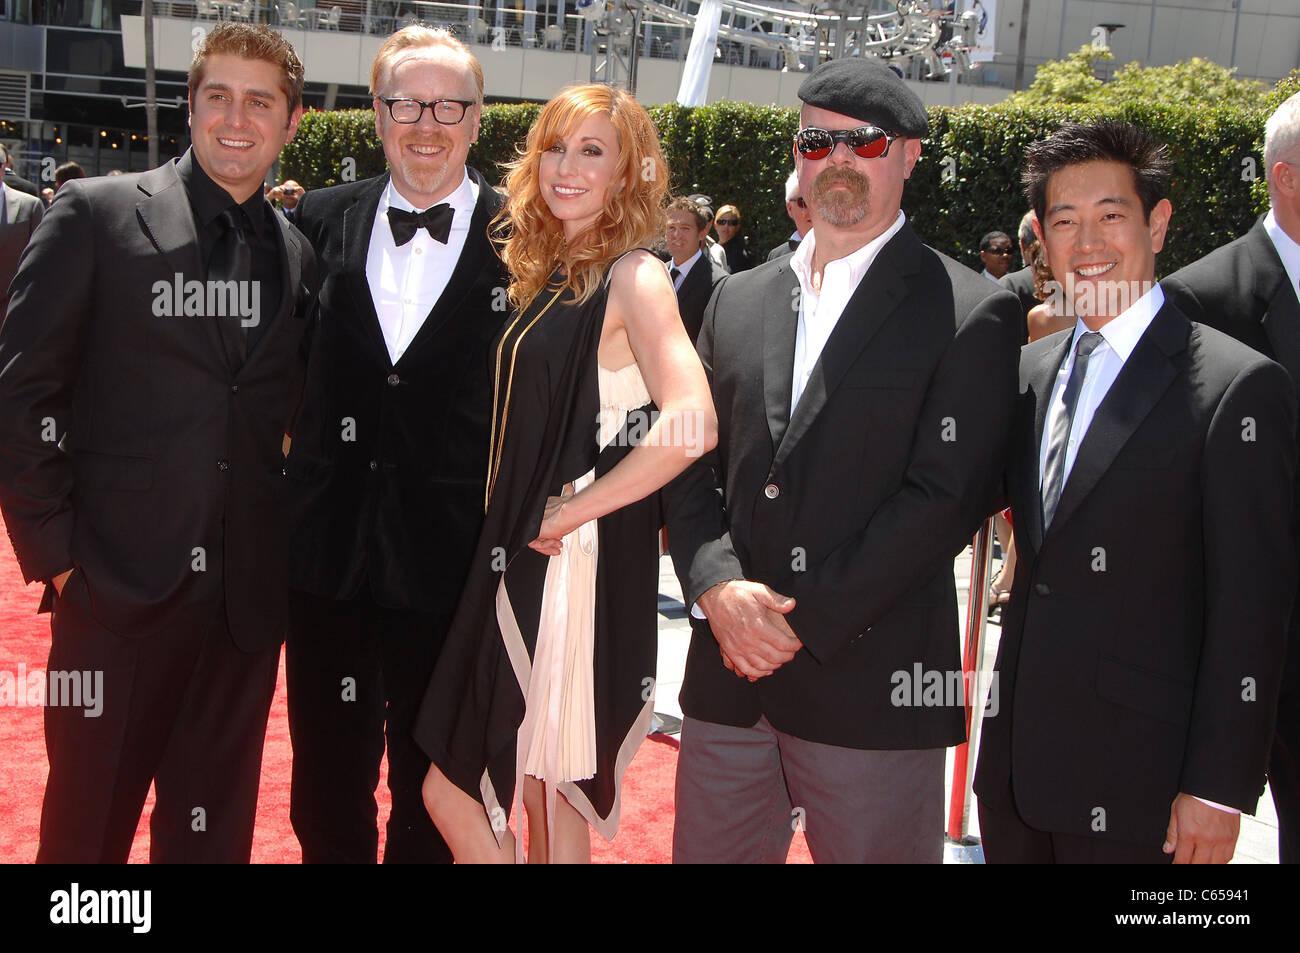 Jamie Hyneman Wife Tony Belleci, Adam Sav...